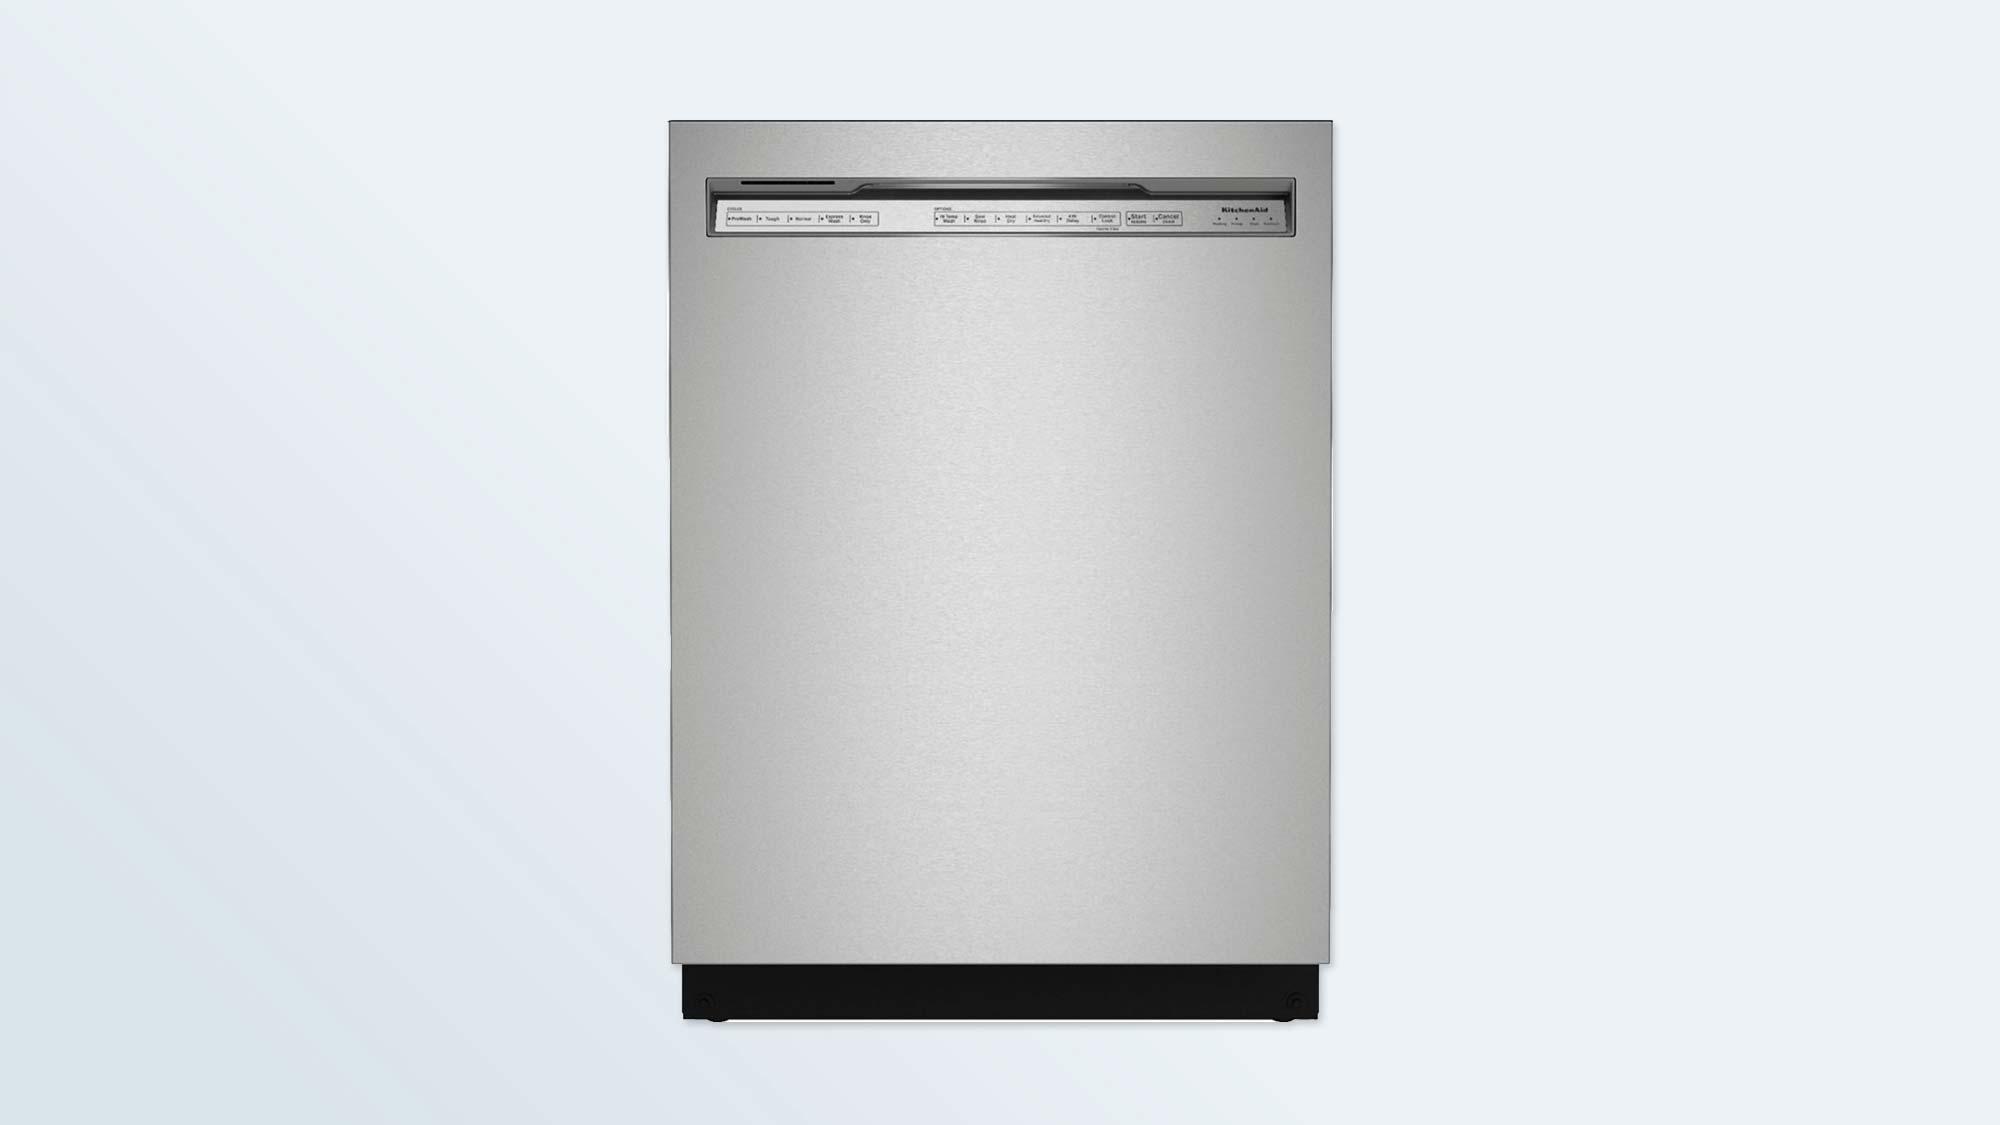 Best dishwashers: KitchenAid KDFM404KPS